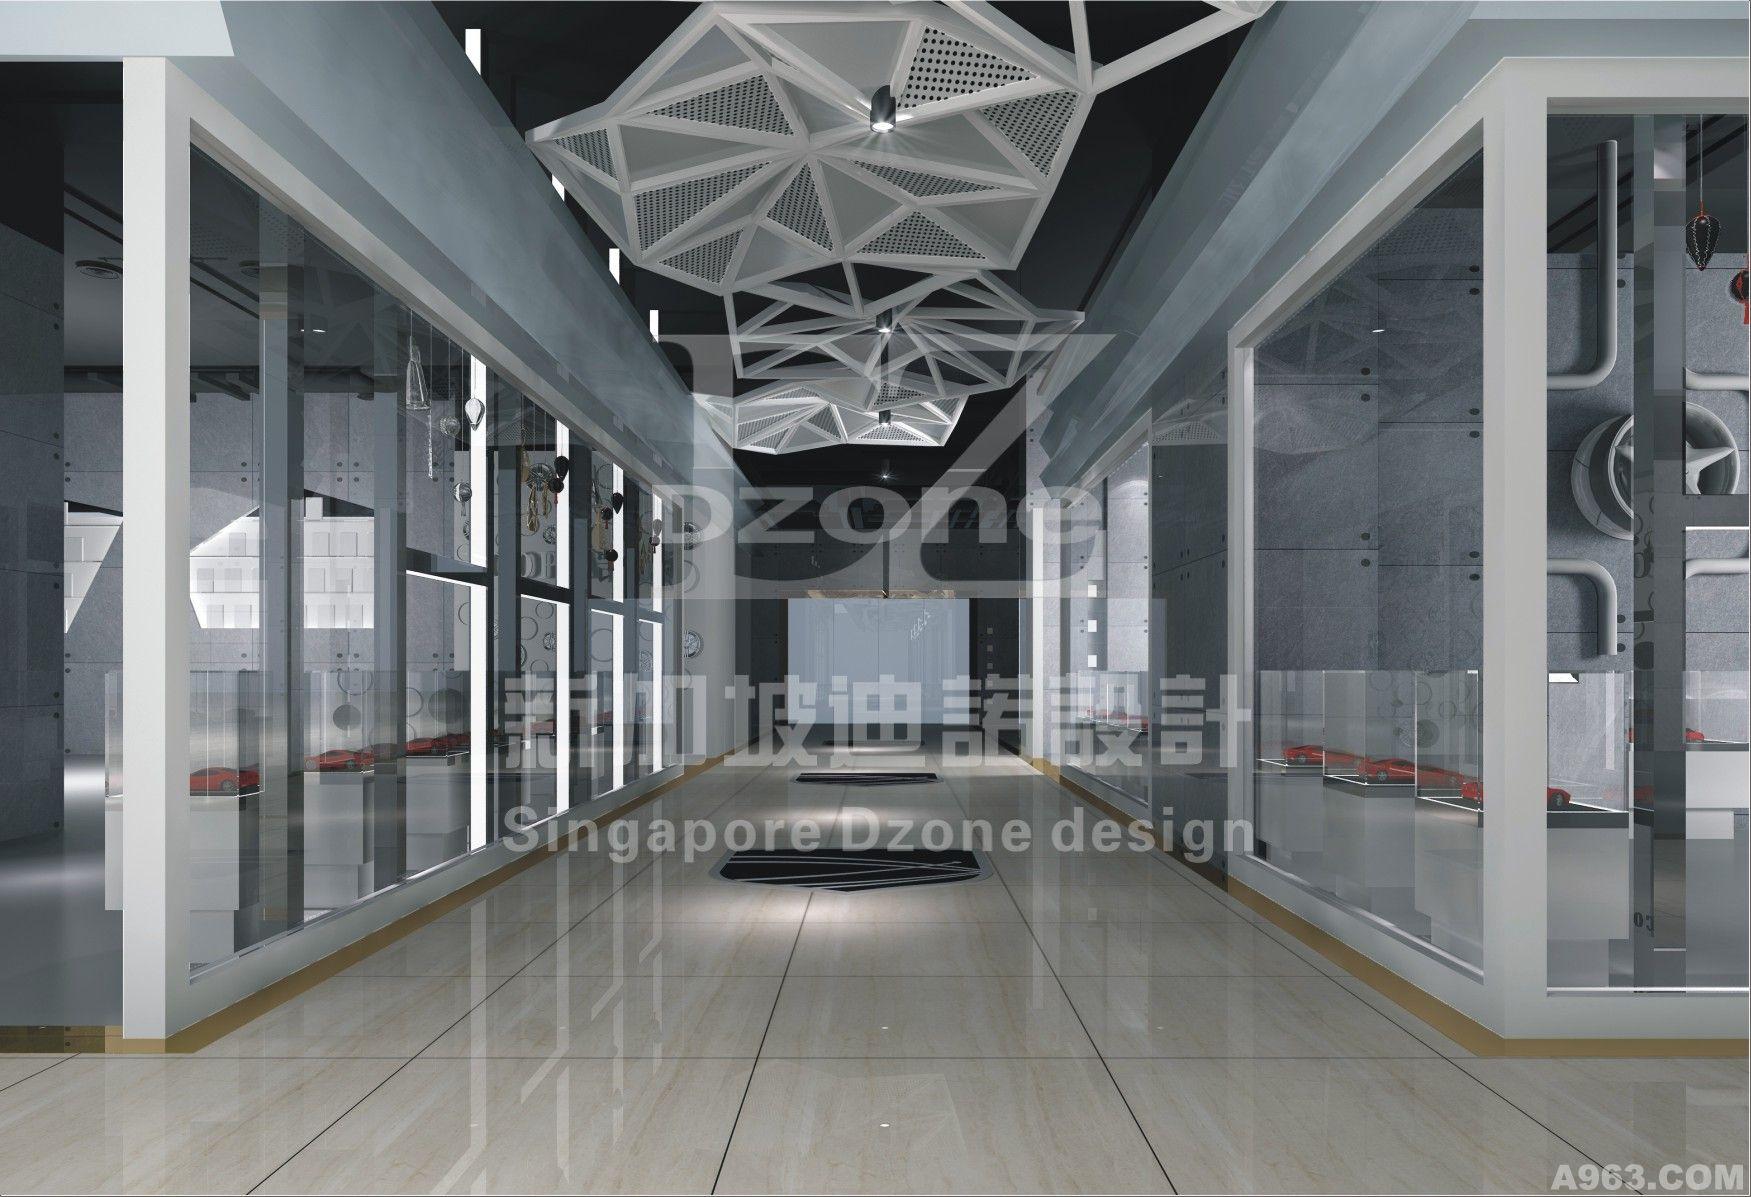 建国汽车展厅 - 展示空间 - dzone迪诺(新加坡)设计